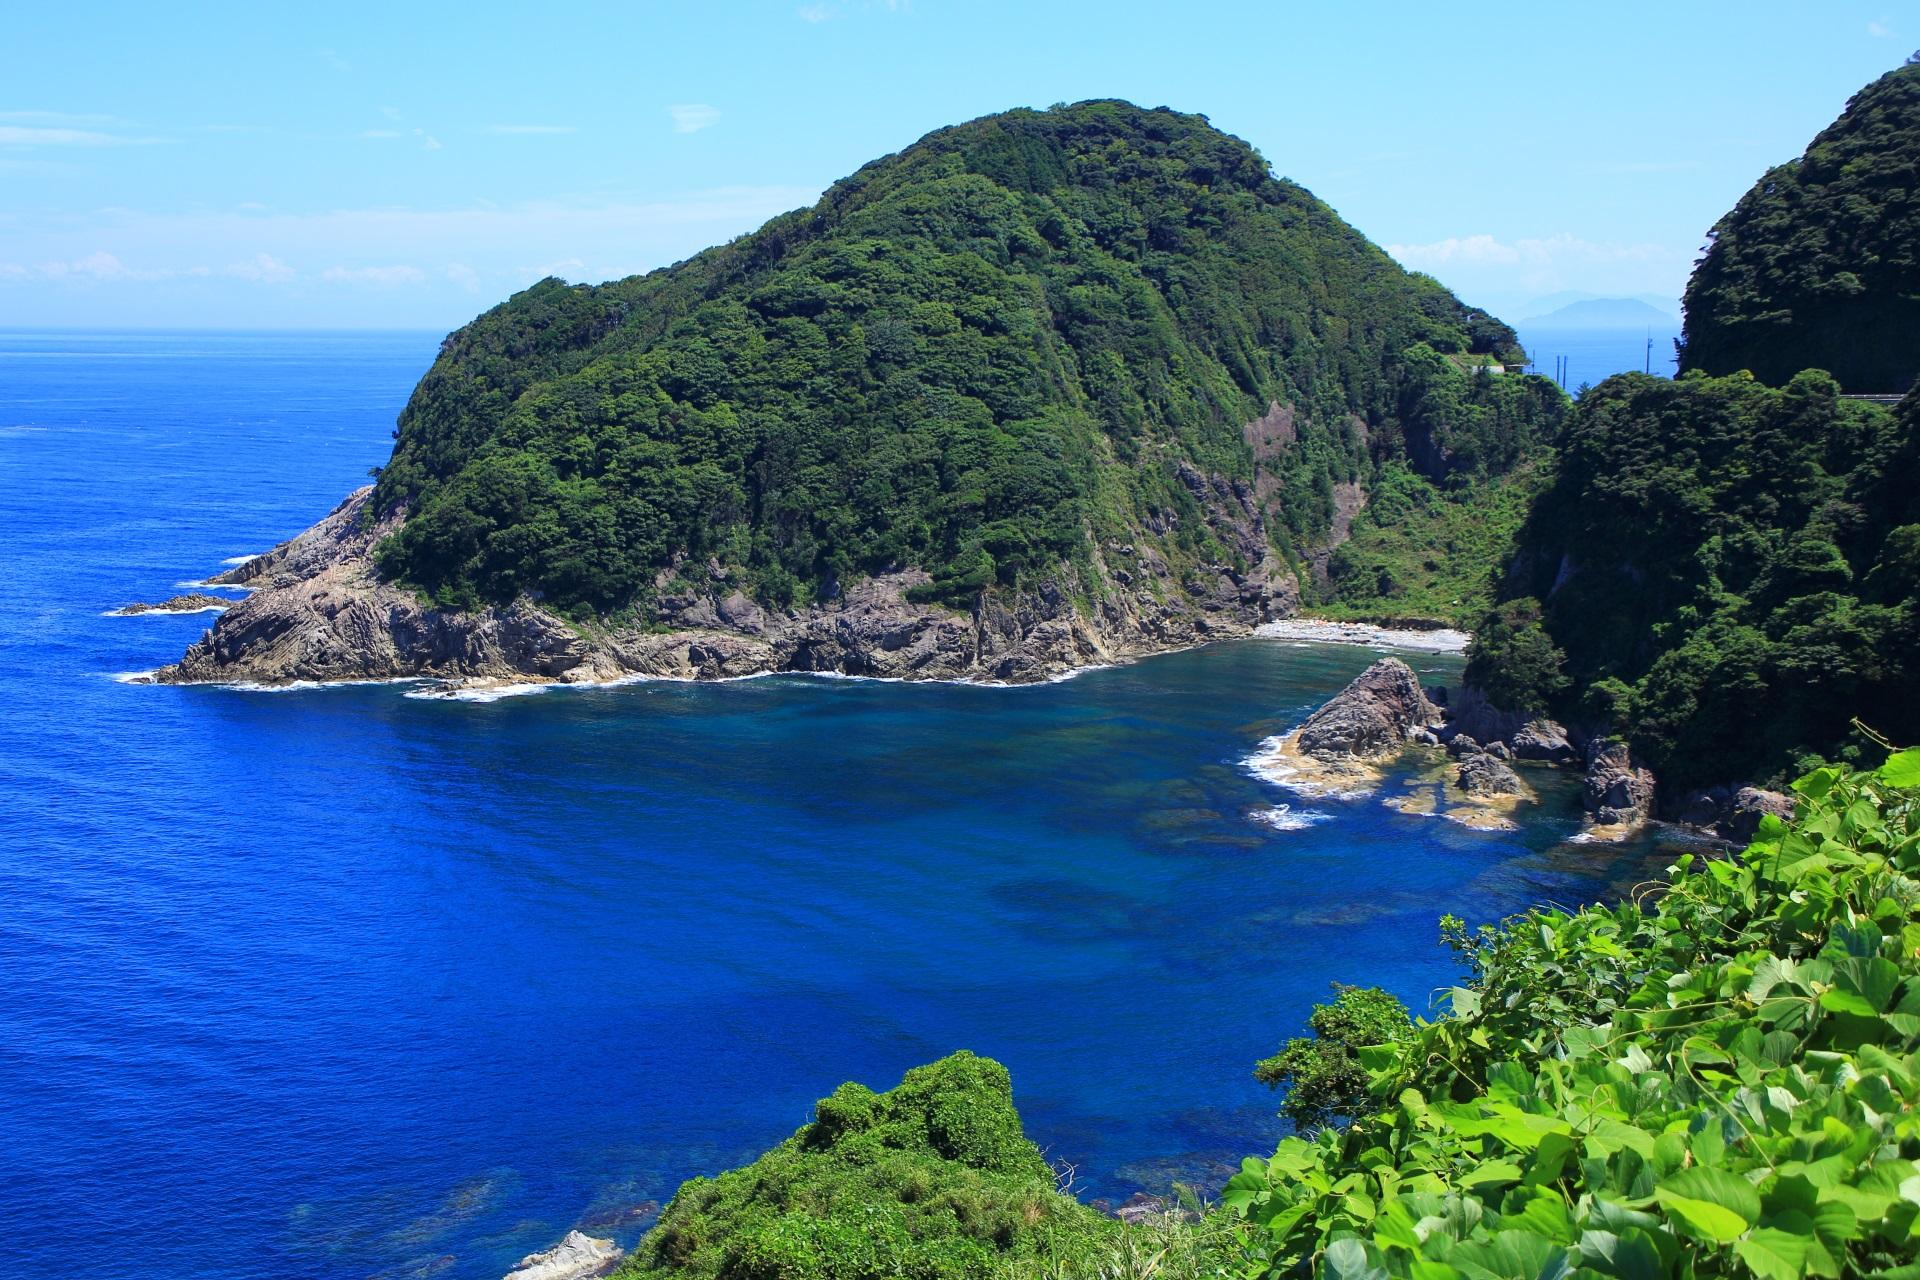 豪快な甲崎(さるざき)と穏やかな日本海の極上の海の景色